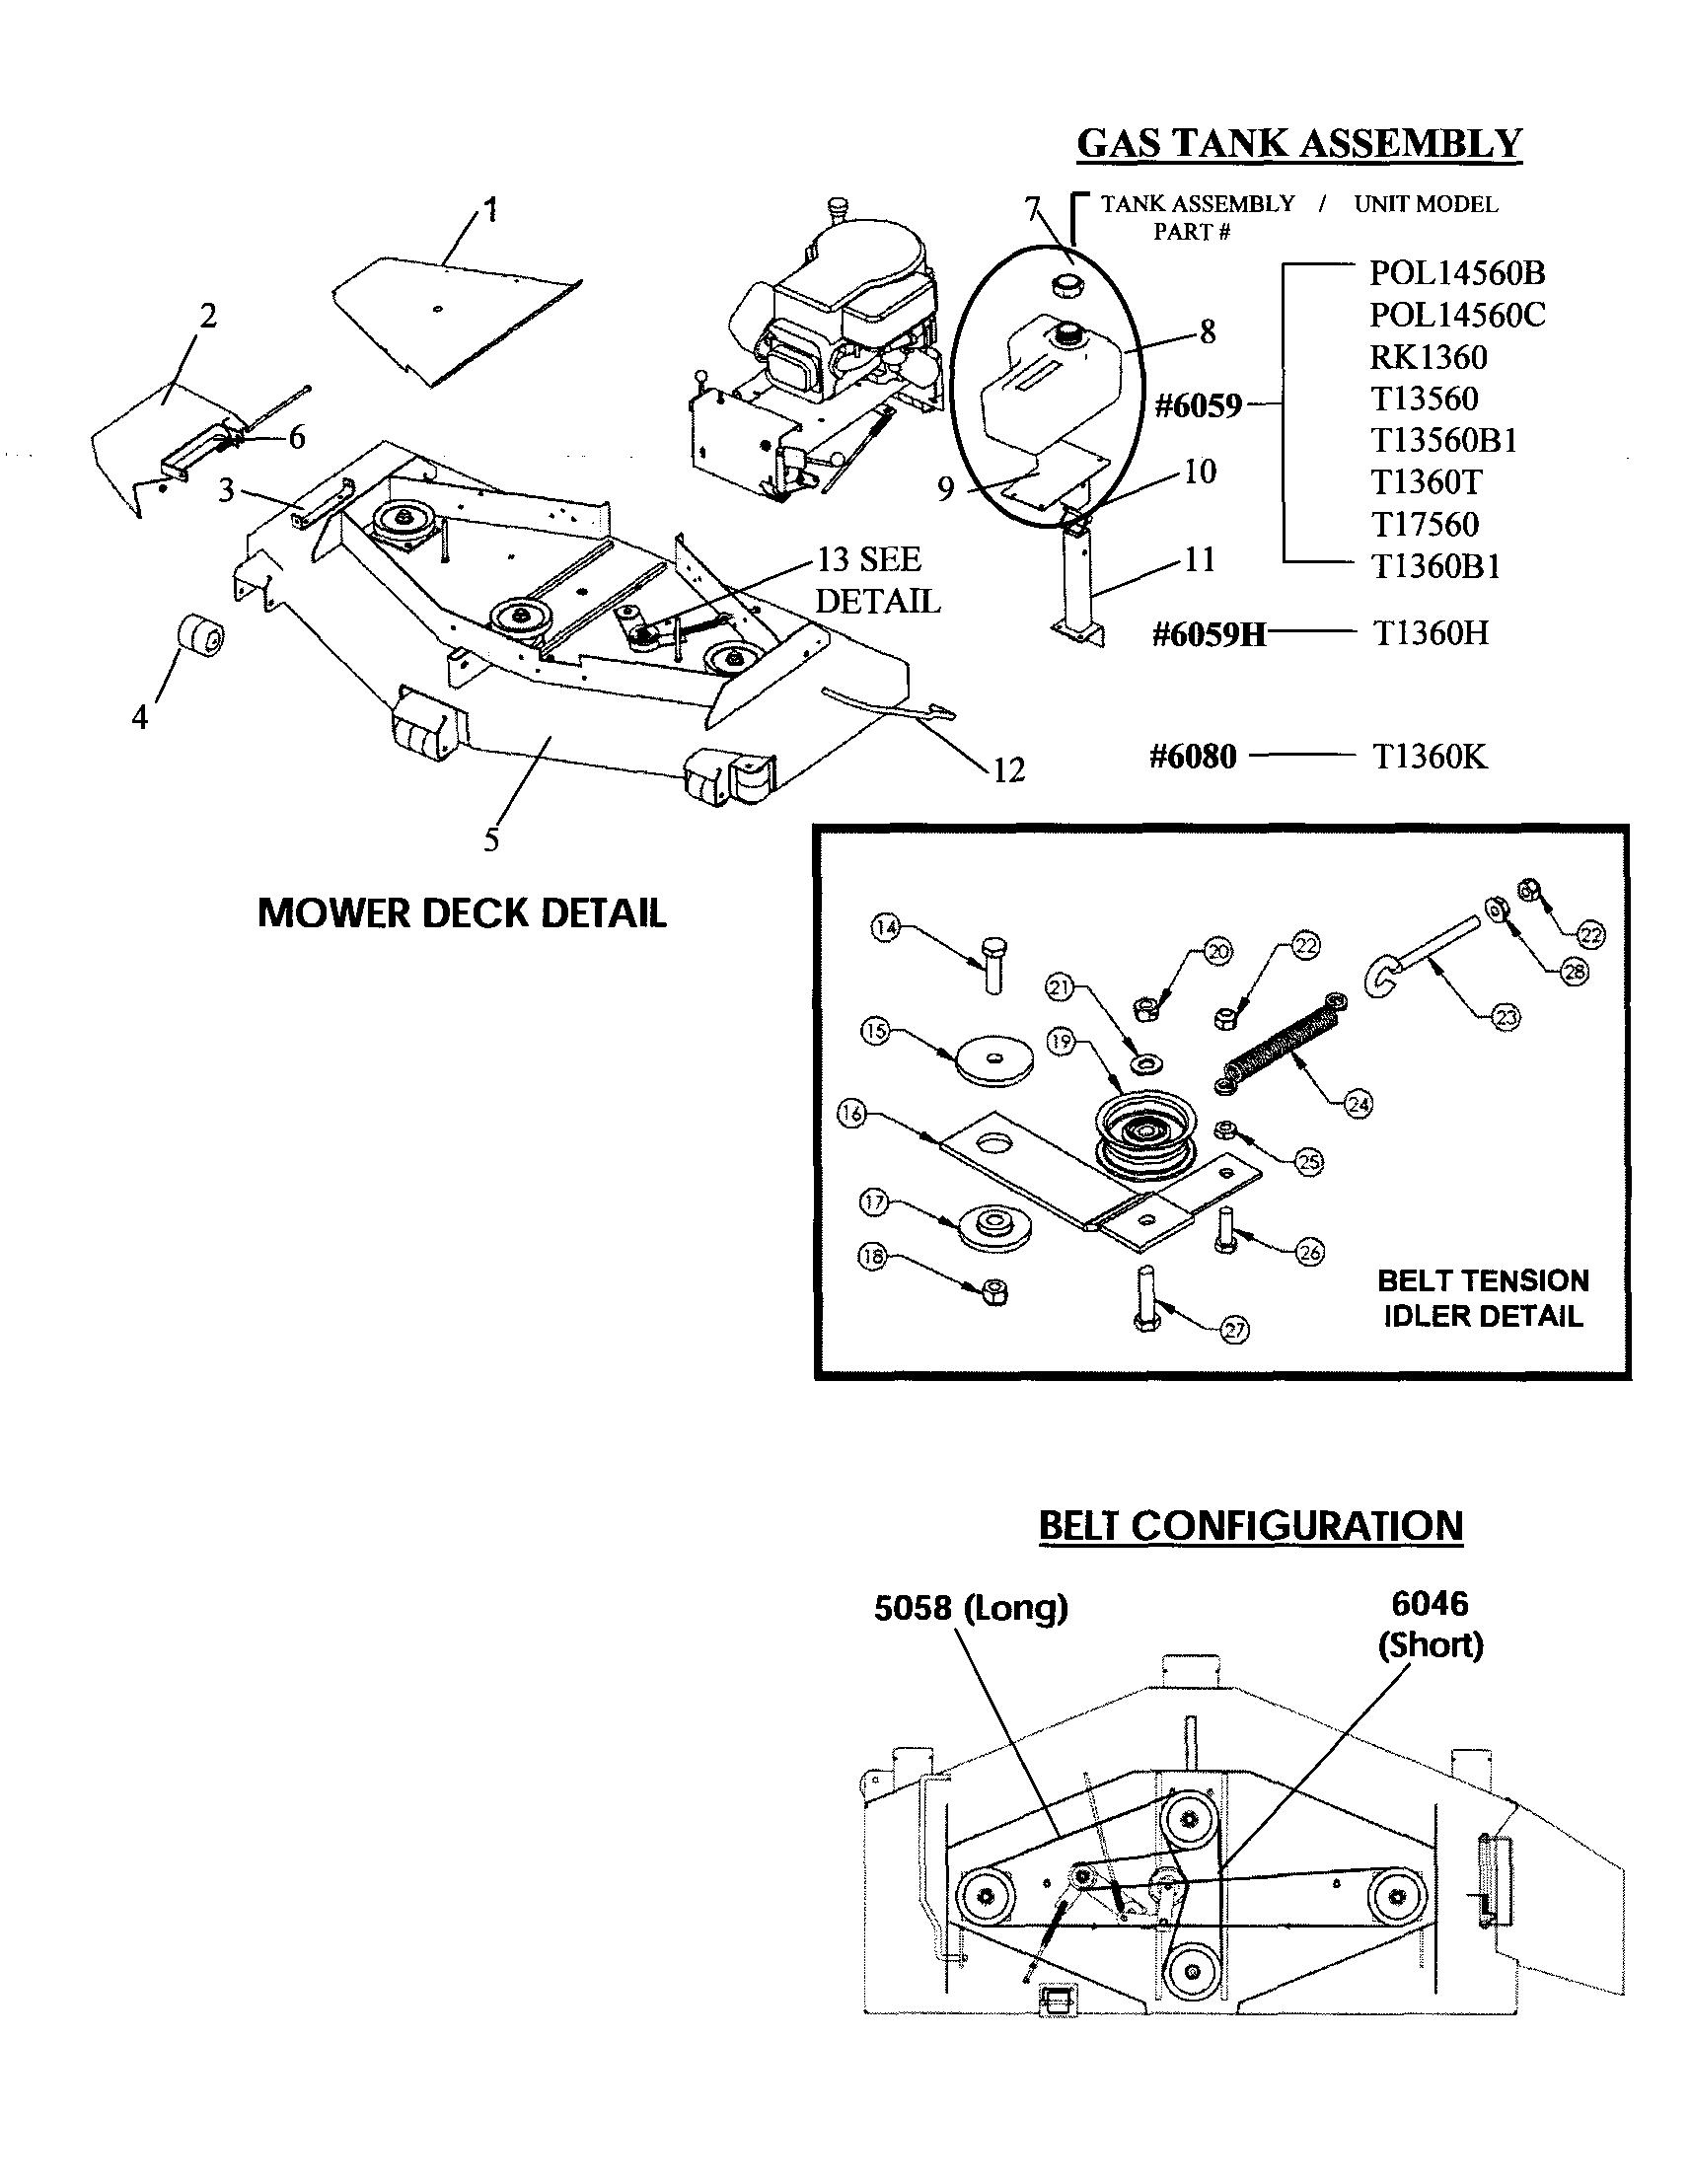 wiring schematics diagram parts list for model t14560 swisherparts